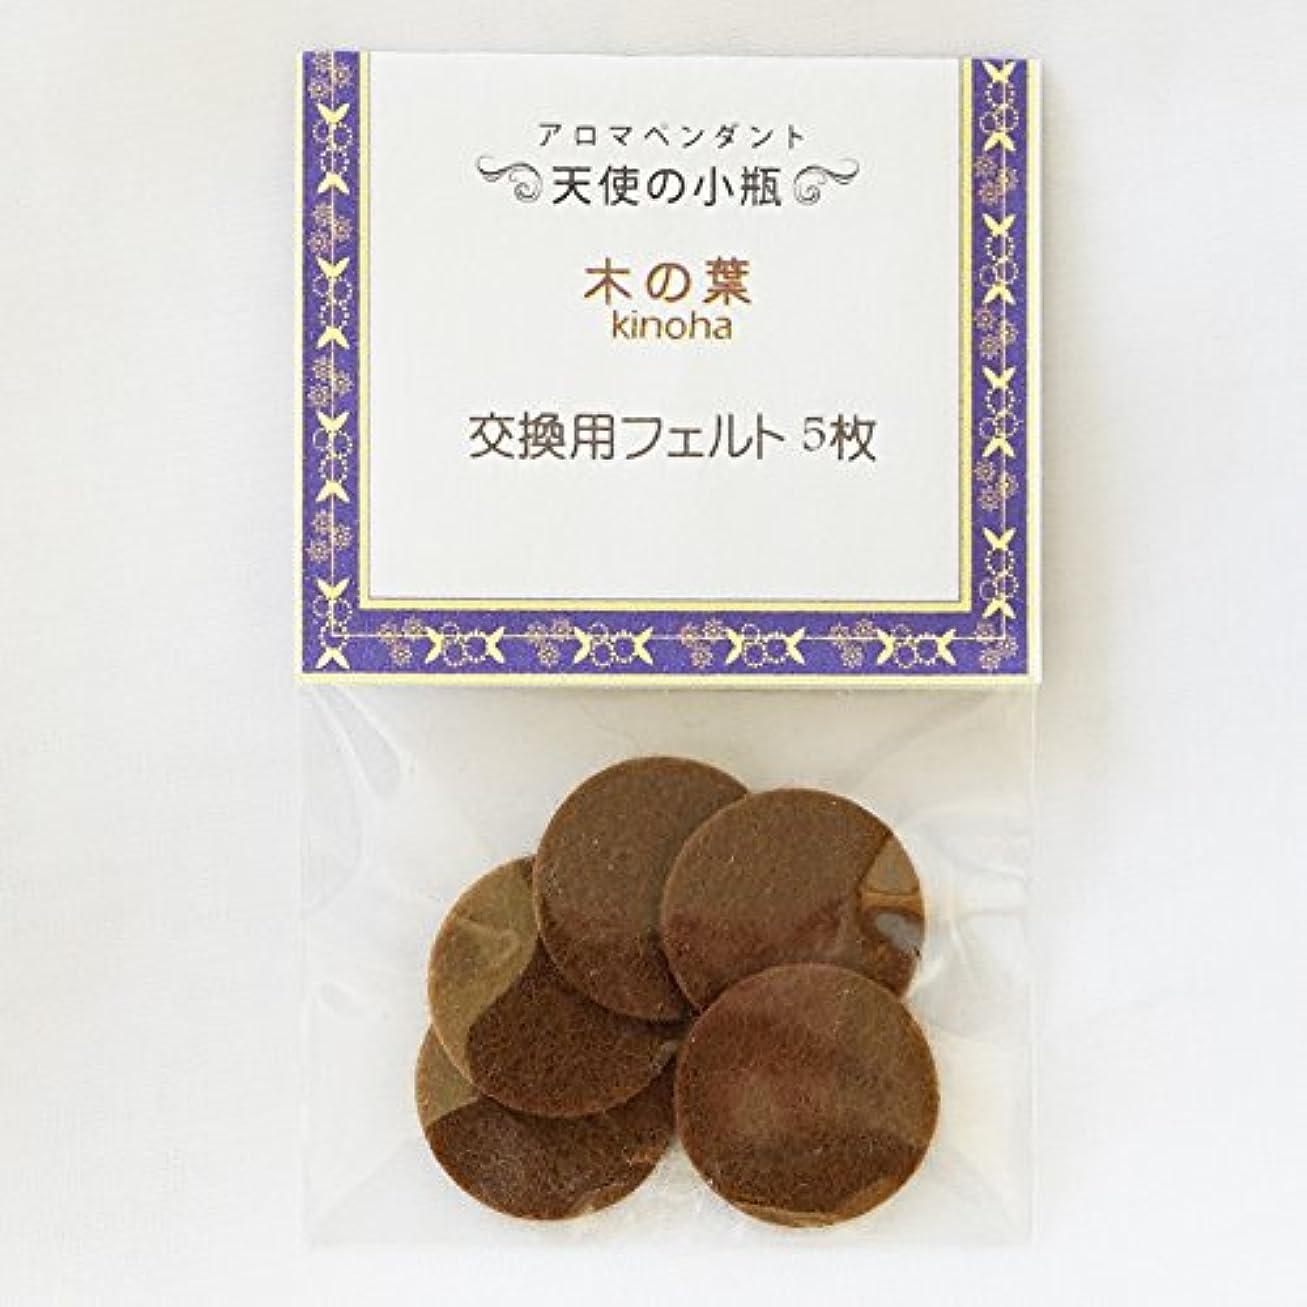 耐えられない辛いスイッチ【天使の小瓶】 木の葉(アンティークゴールド)交換用フェルト5枚